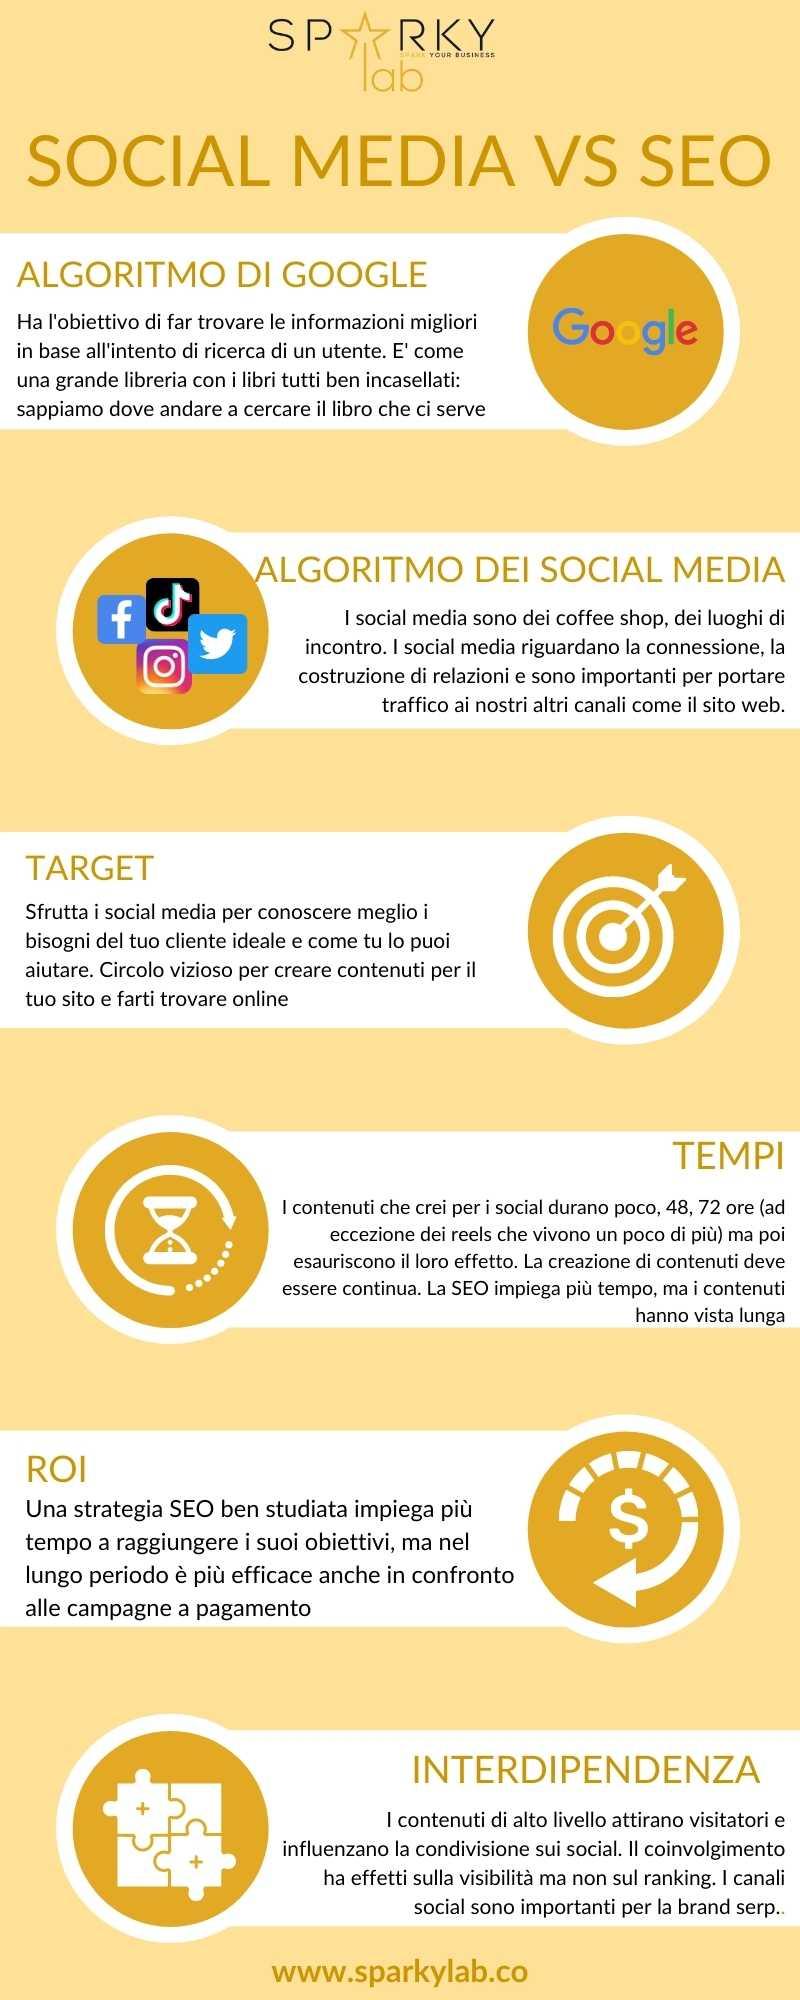 infografica che spiega le differenze tra social media e seo